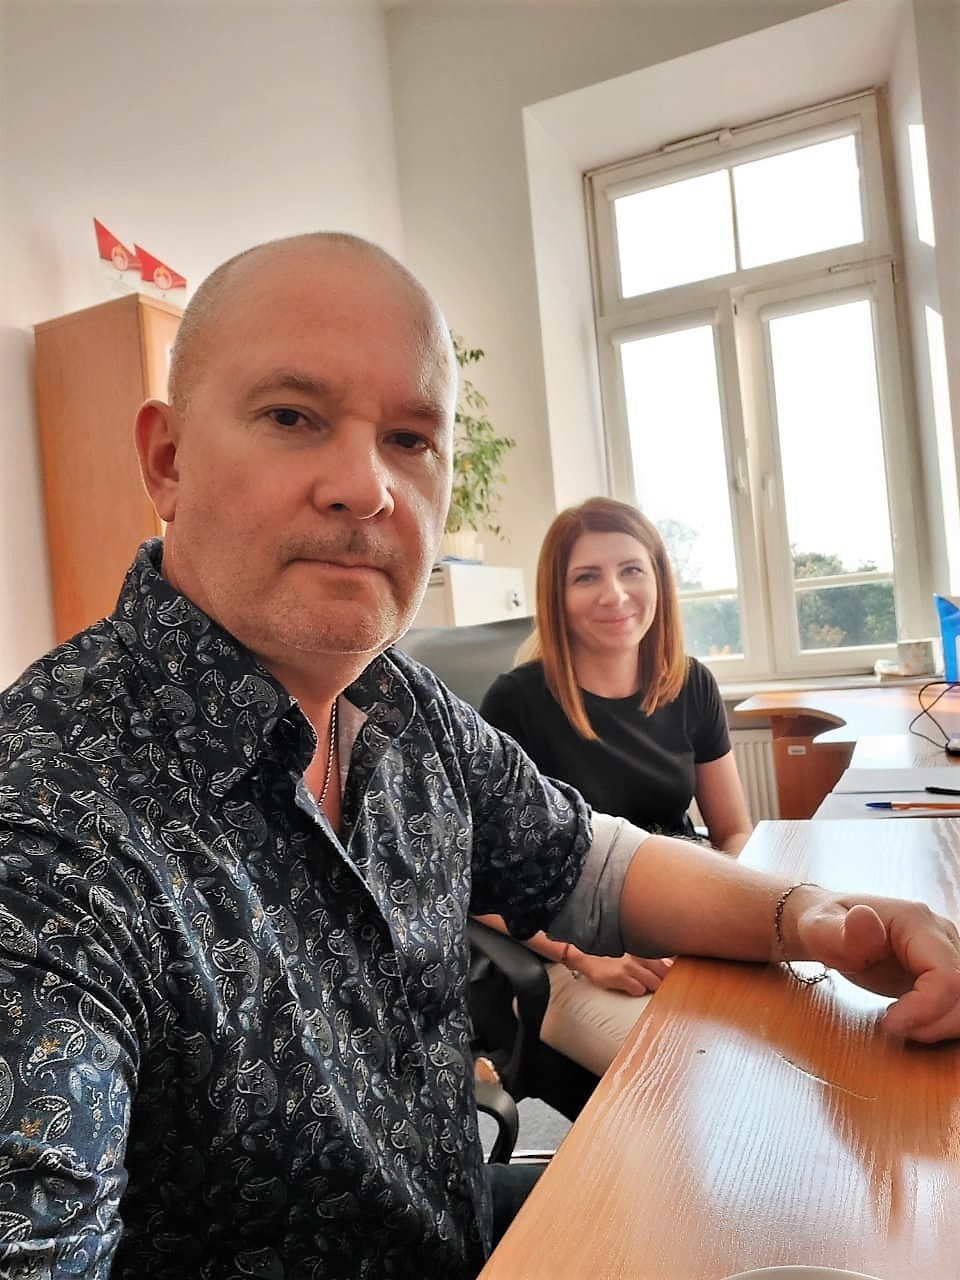 Завідувач відділу психологічних досліджень КНДІСЕ взяв участь у програмі обміну CEPOL